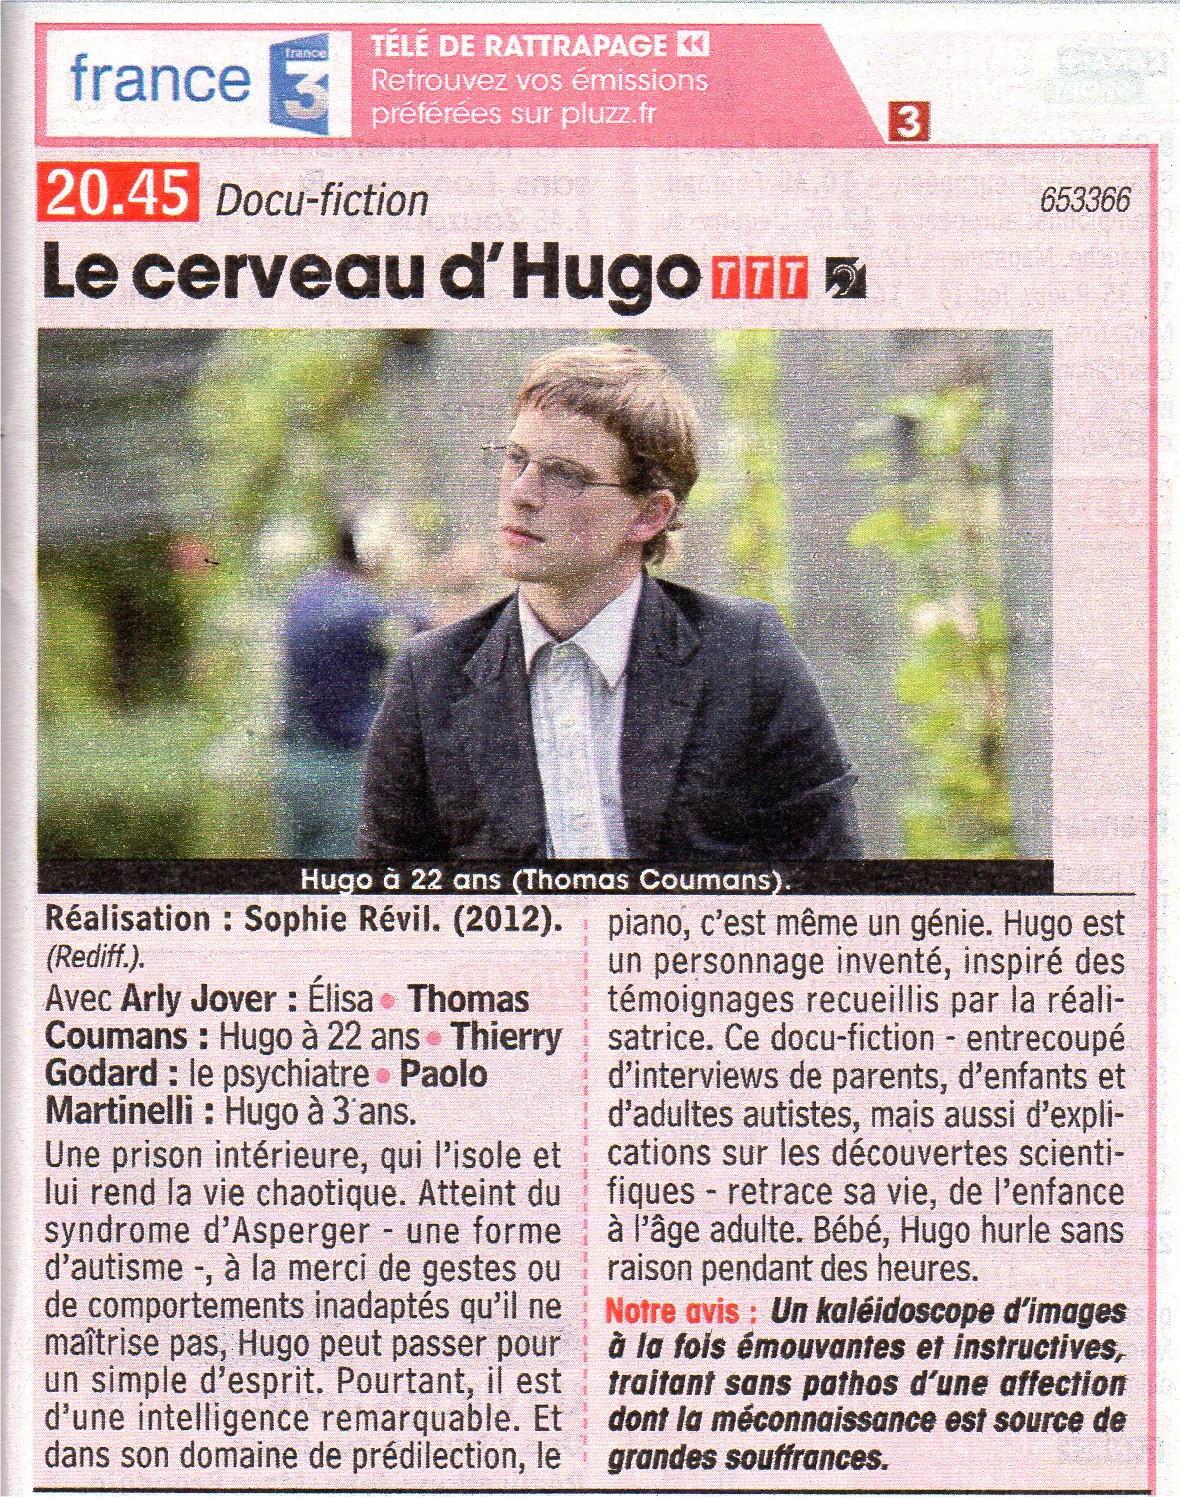 Le Cerveau d'Hugo( Rediffusion)